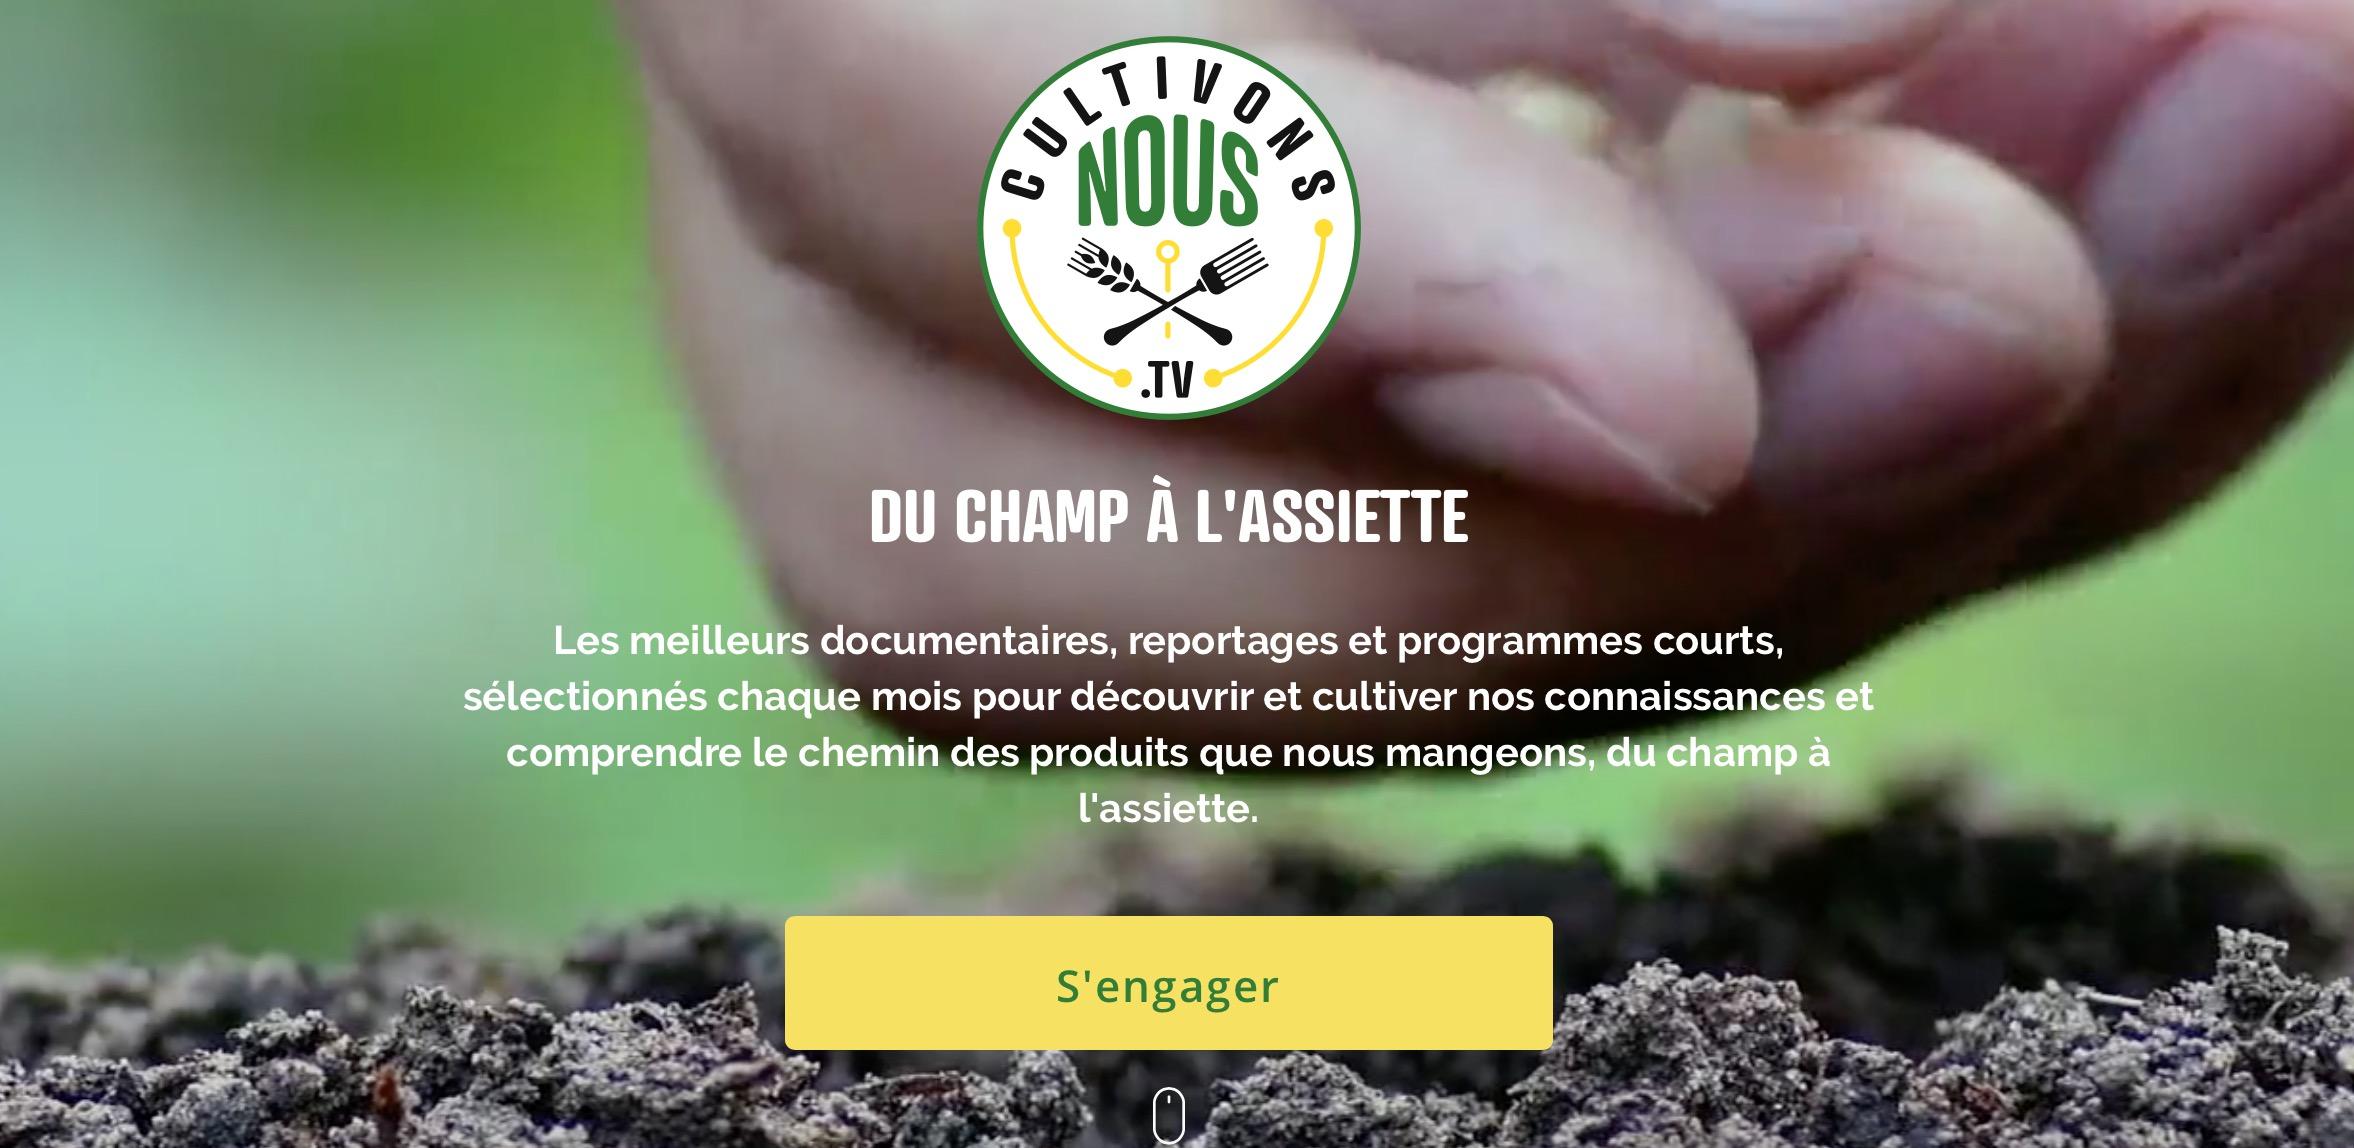 Capture d'écran 2020 04 30 à 16.46.03 - Cultivonsnous.tv, un nouveau média pour découvrir, expliquer et comprendre ceux qui nous nourrissent